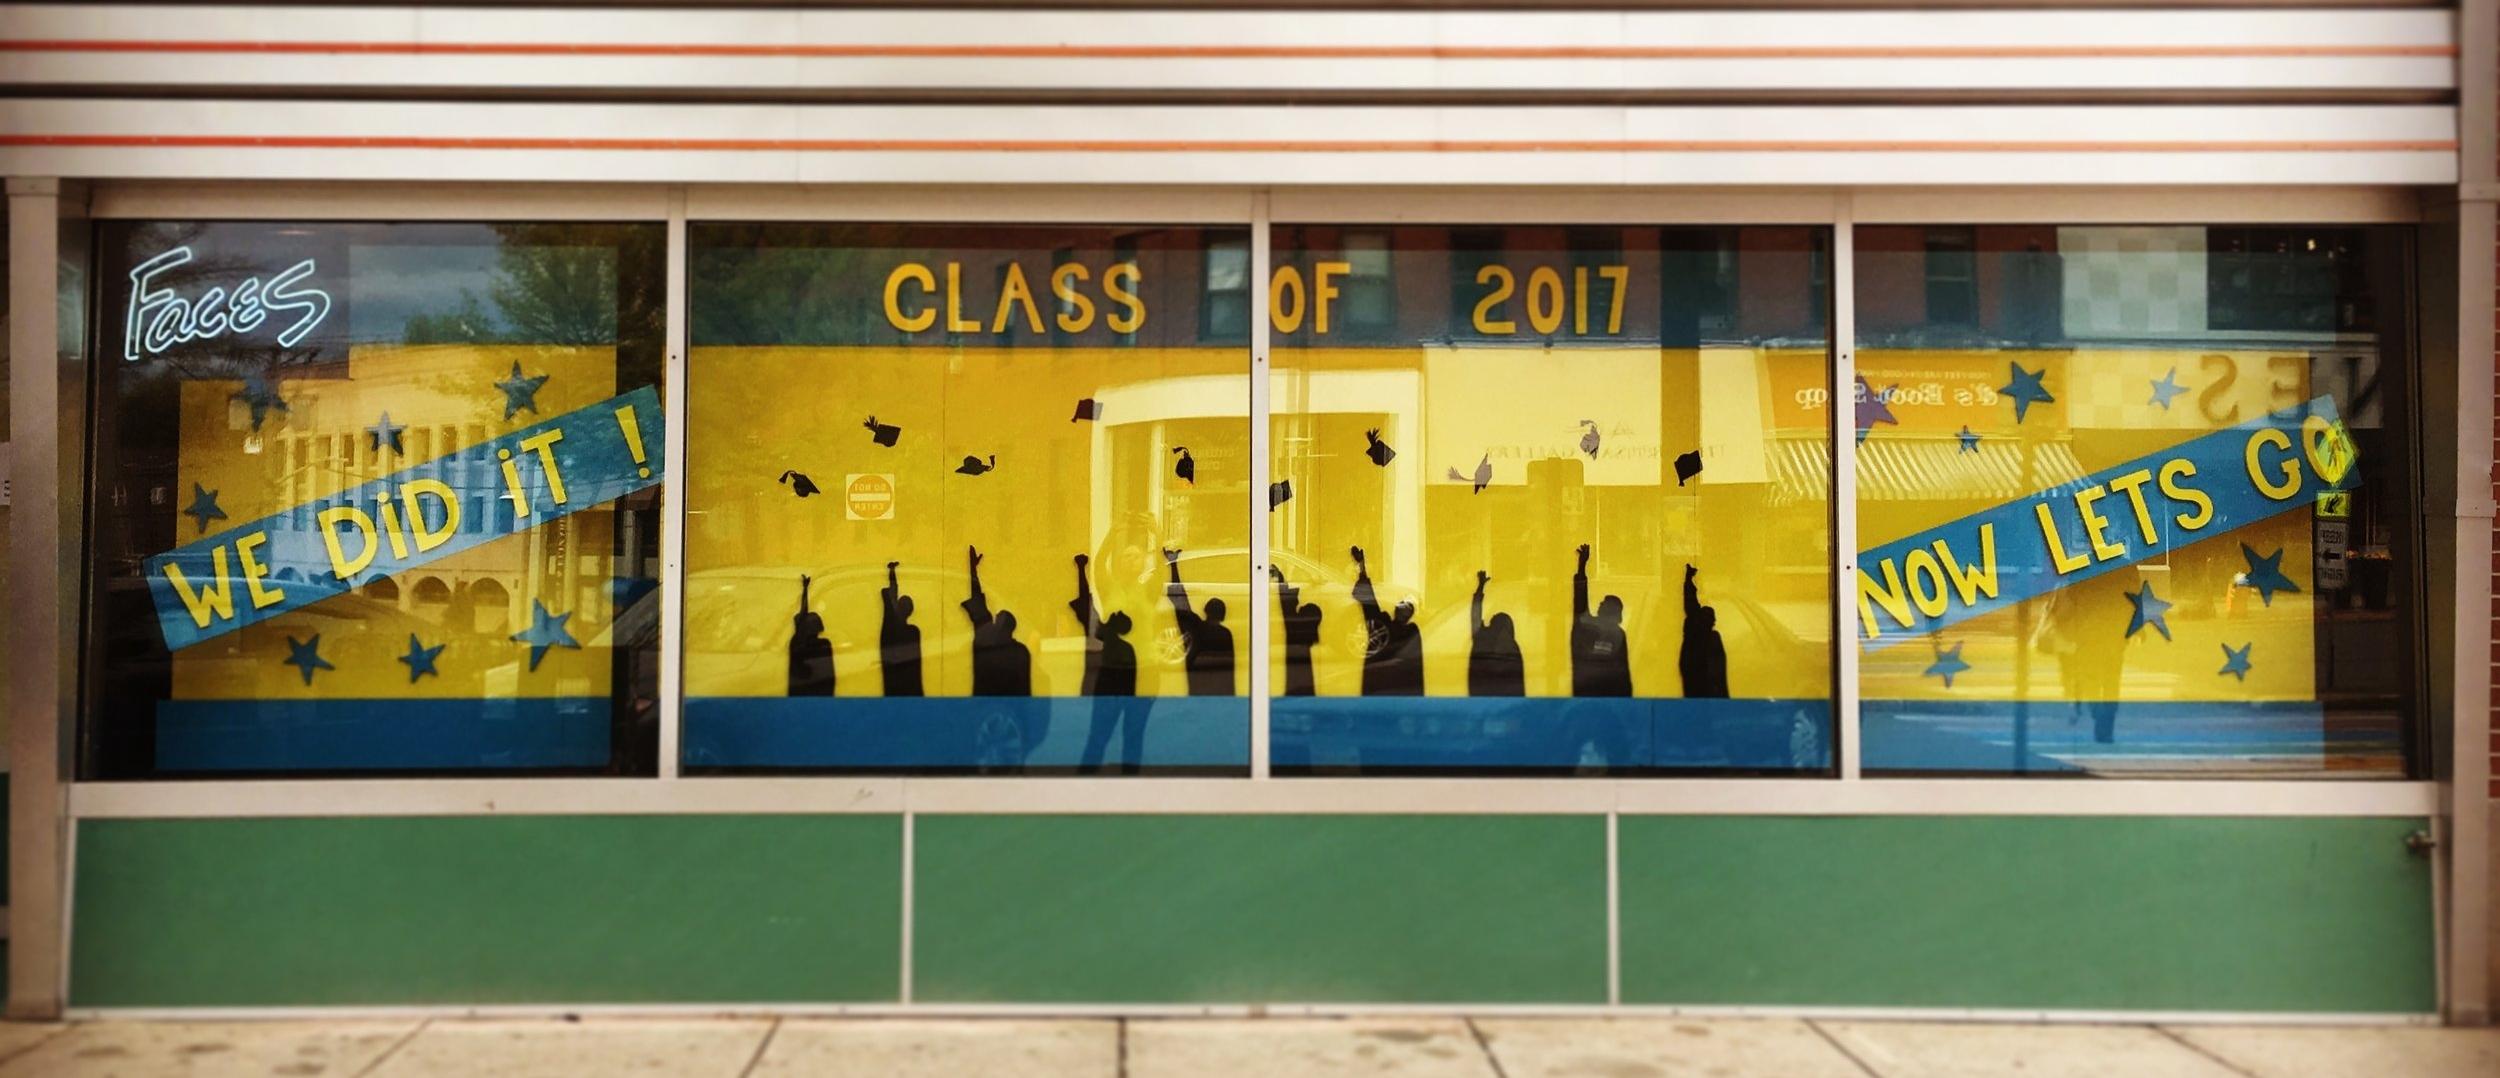 Graduation - May 2017